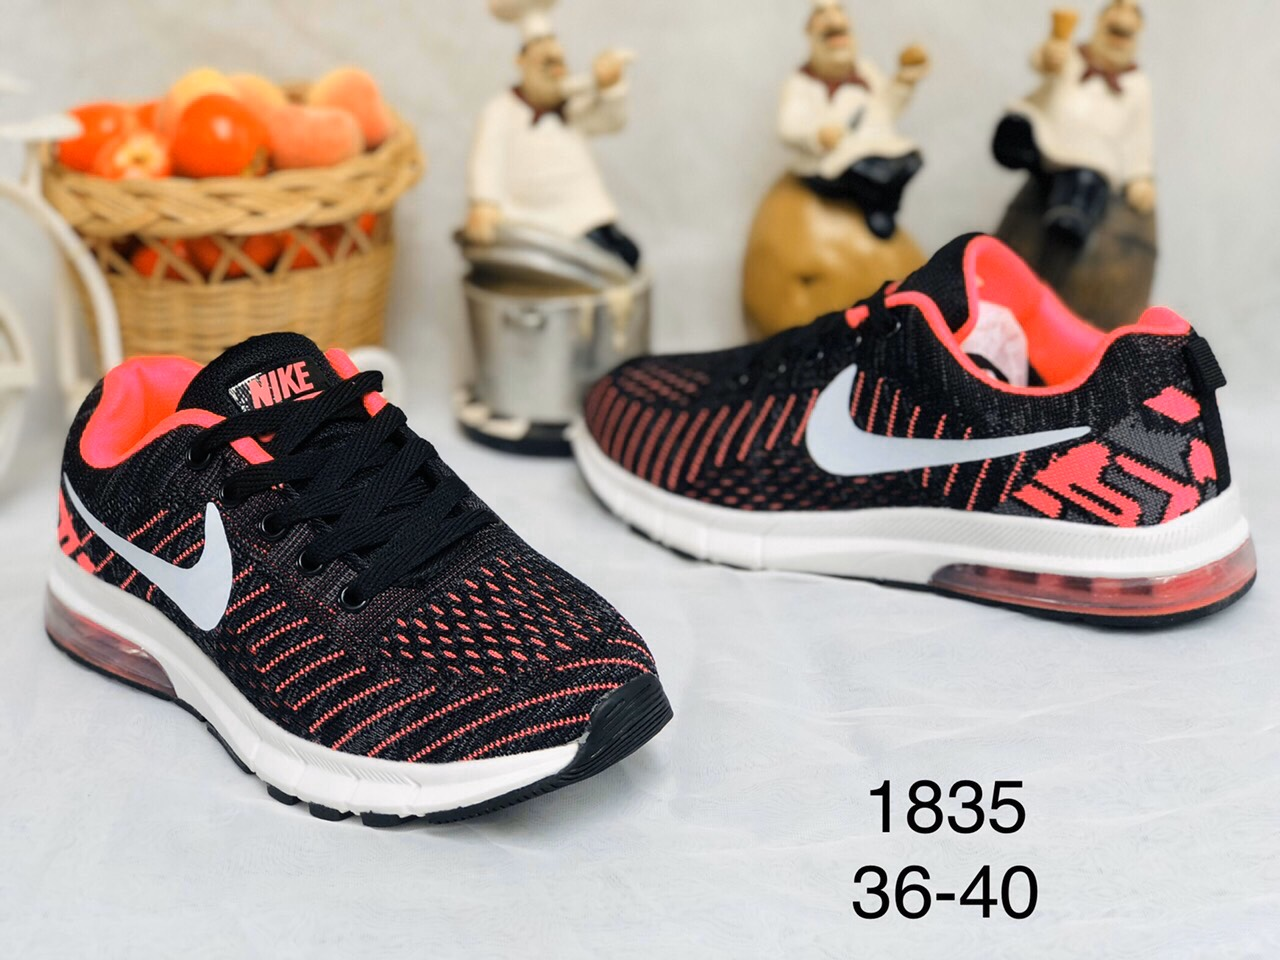 Giày Nike Air nữ F13 màu hồng